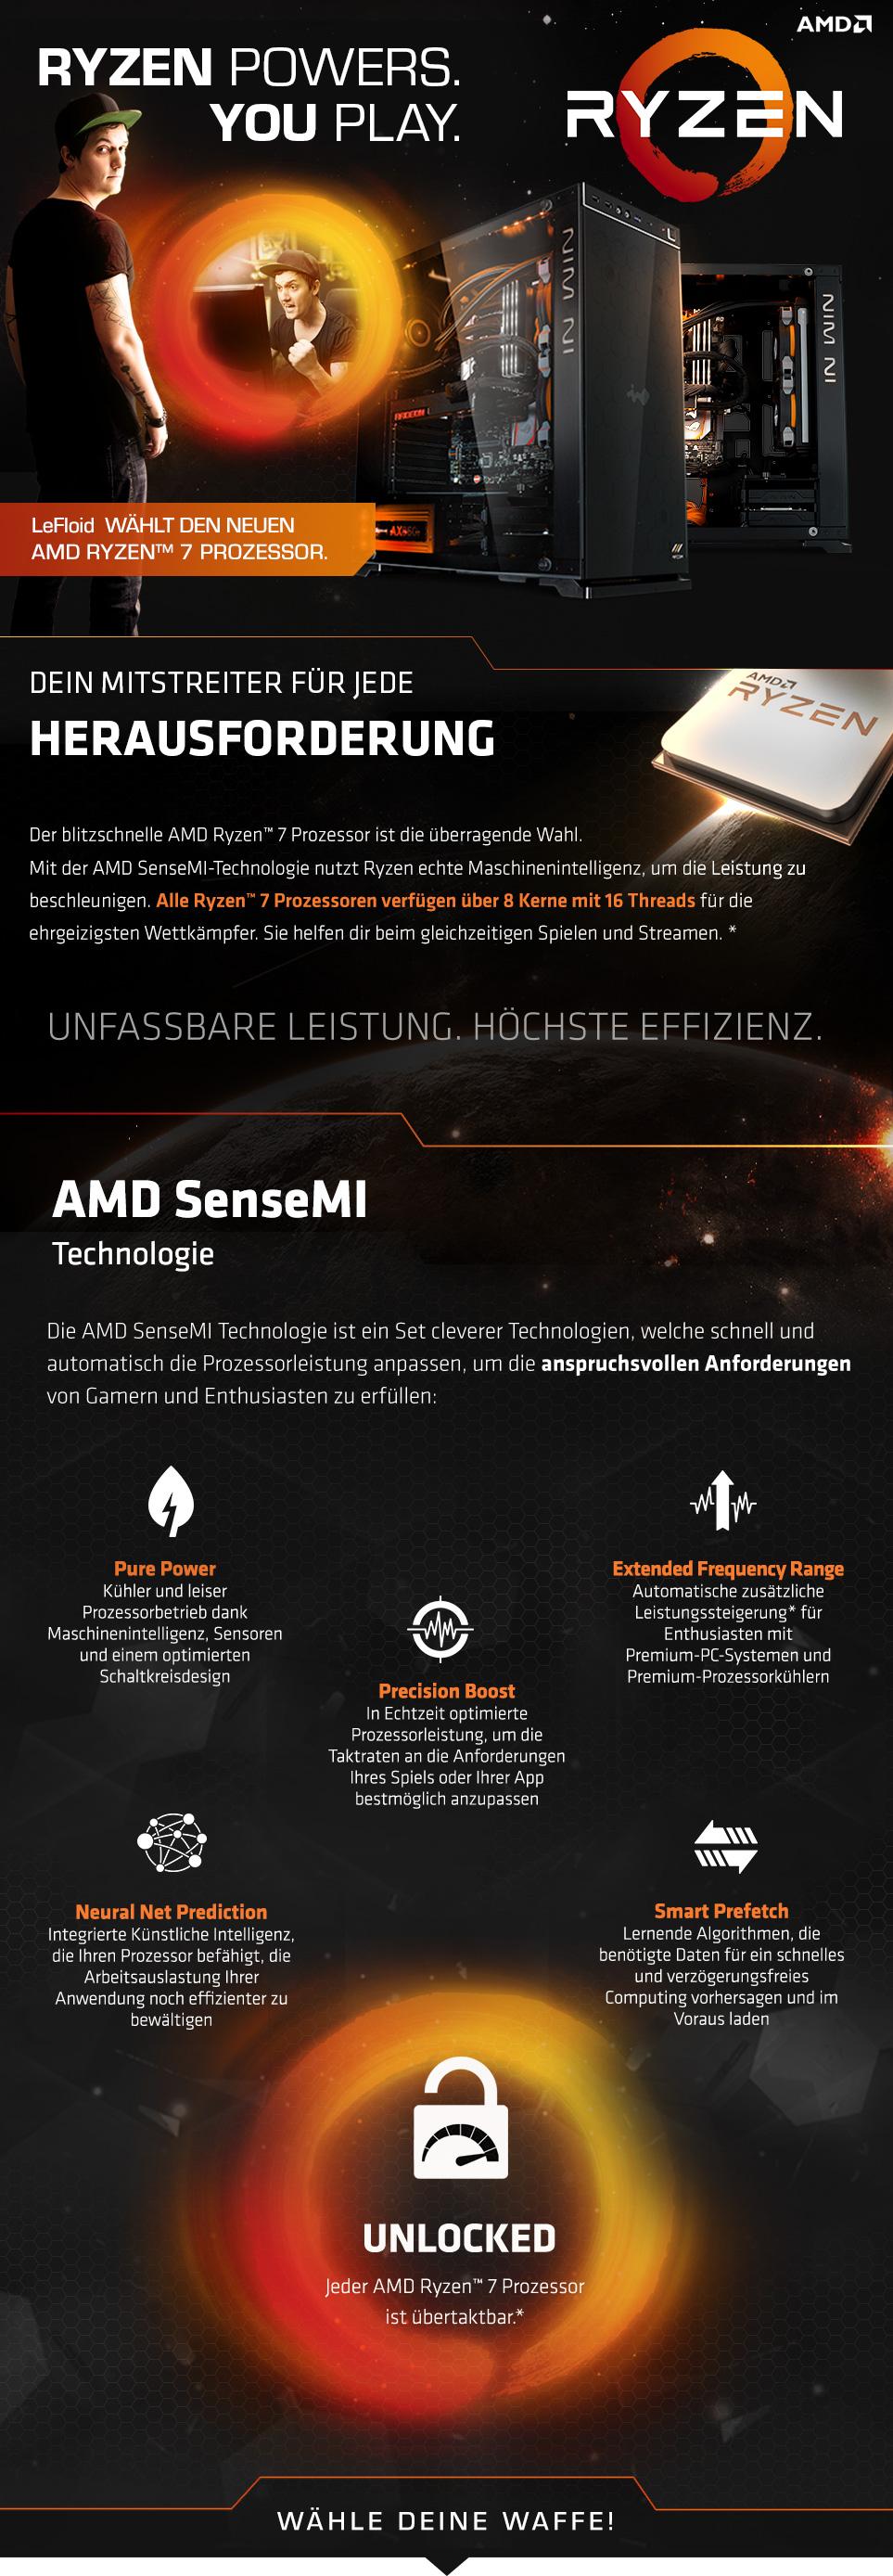 Gaming PCs mit AMD Ryzen Prozessoren